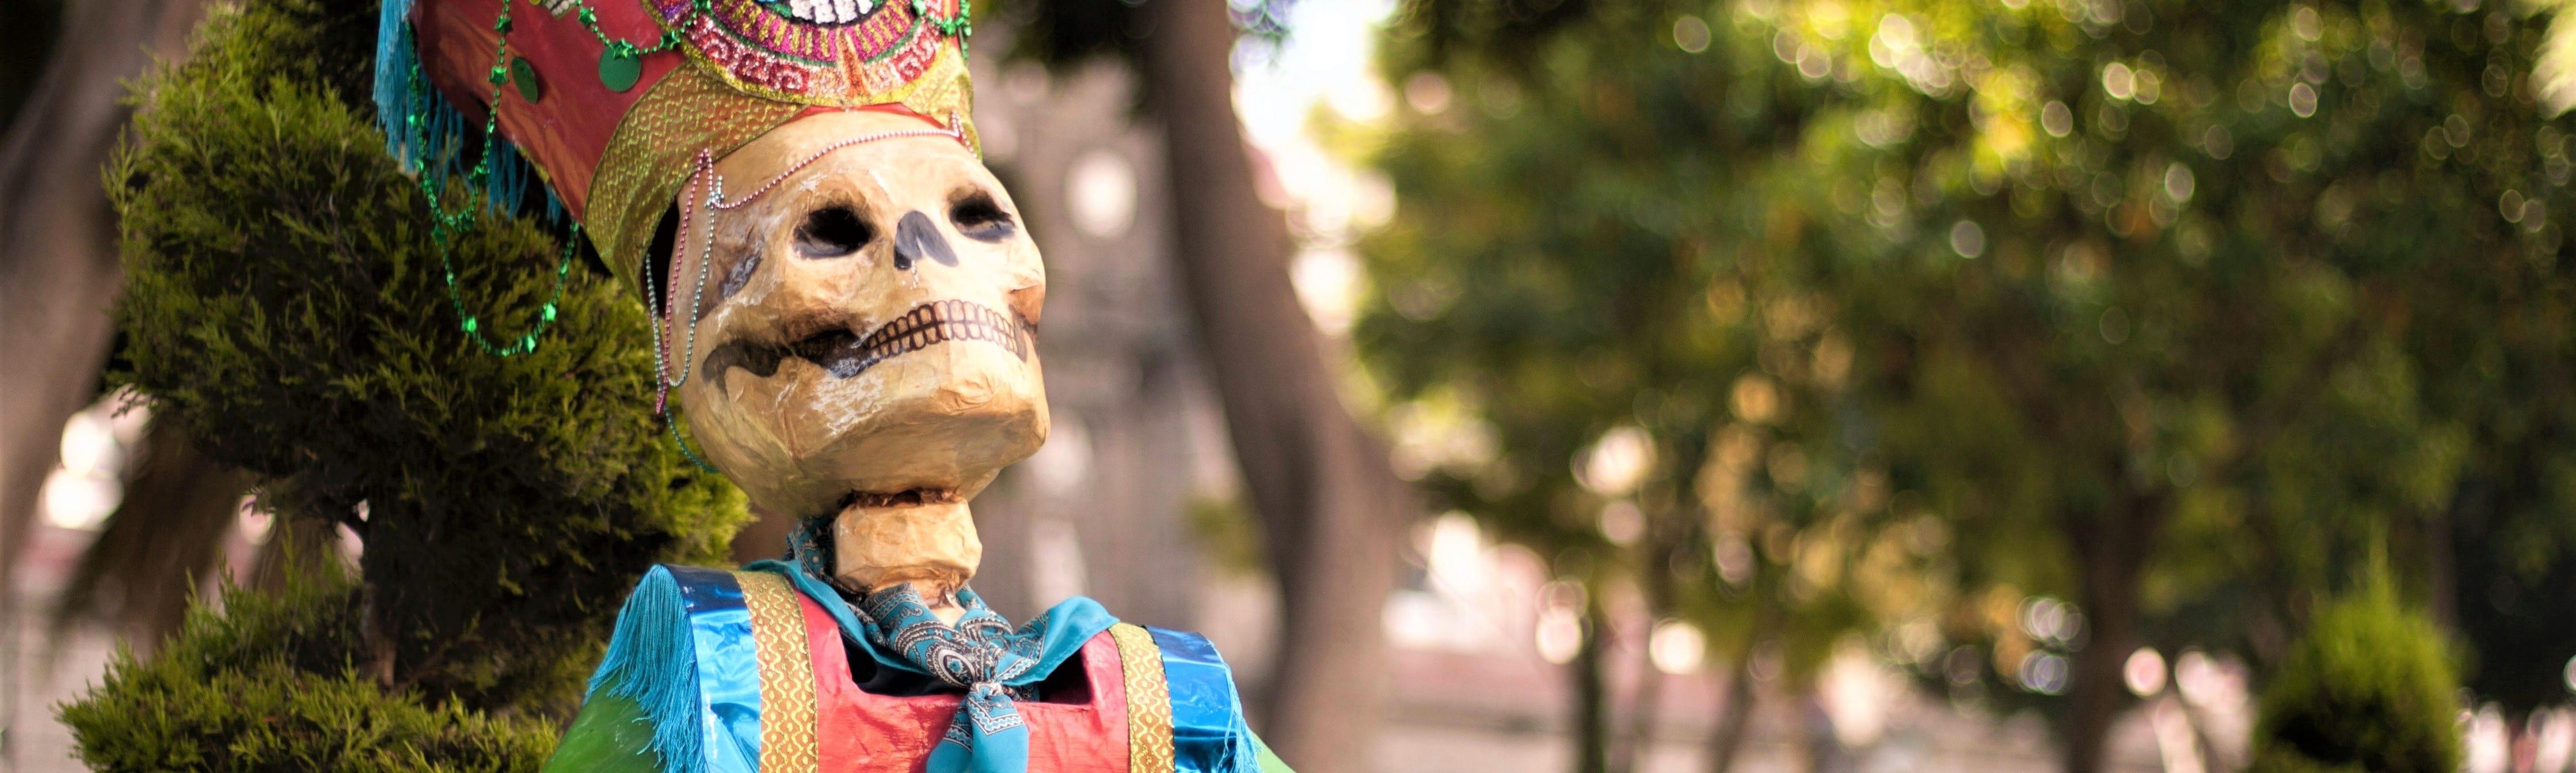 Día de lors muertos défilé